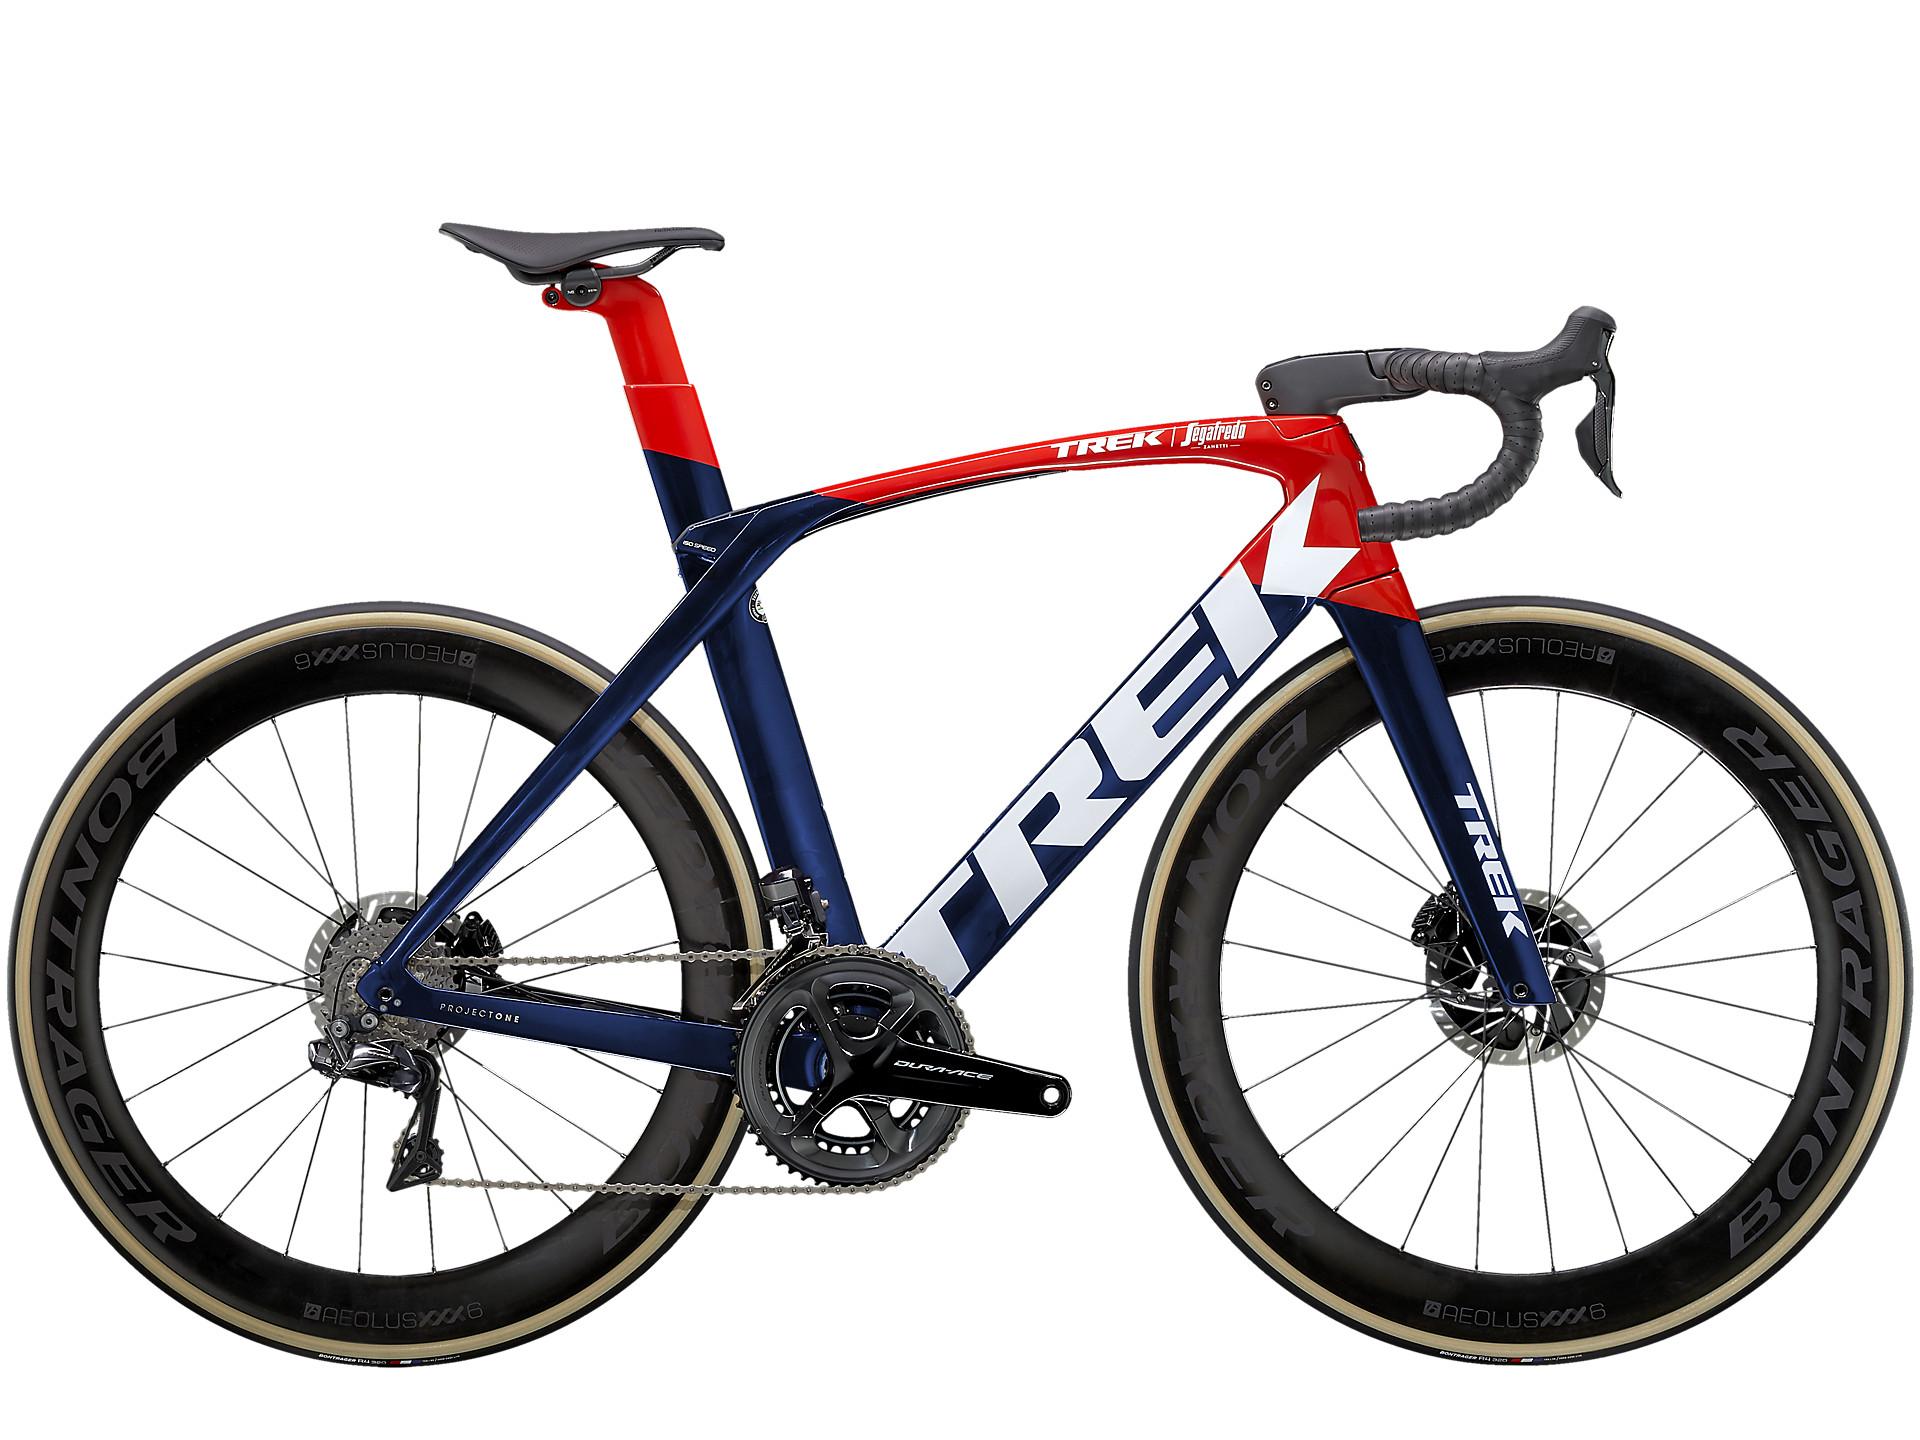 Купить велосипед Trek Madone SLR 9 (2021) mejores bicicletas de carretera